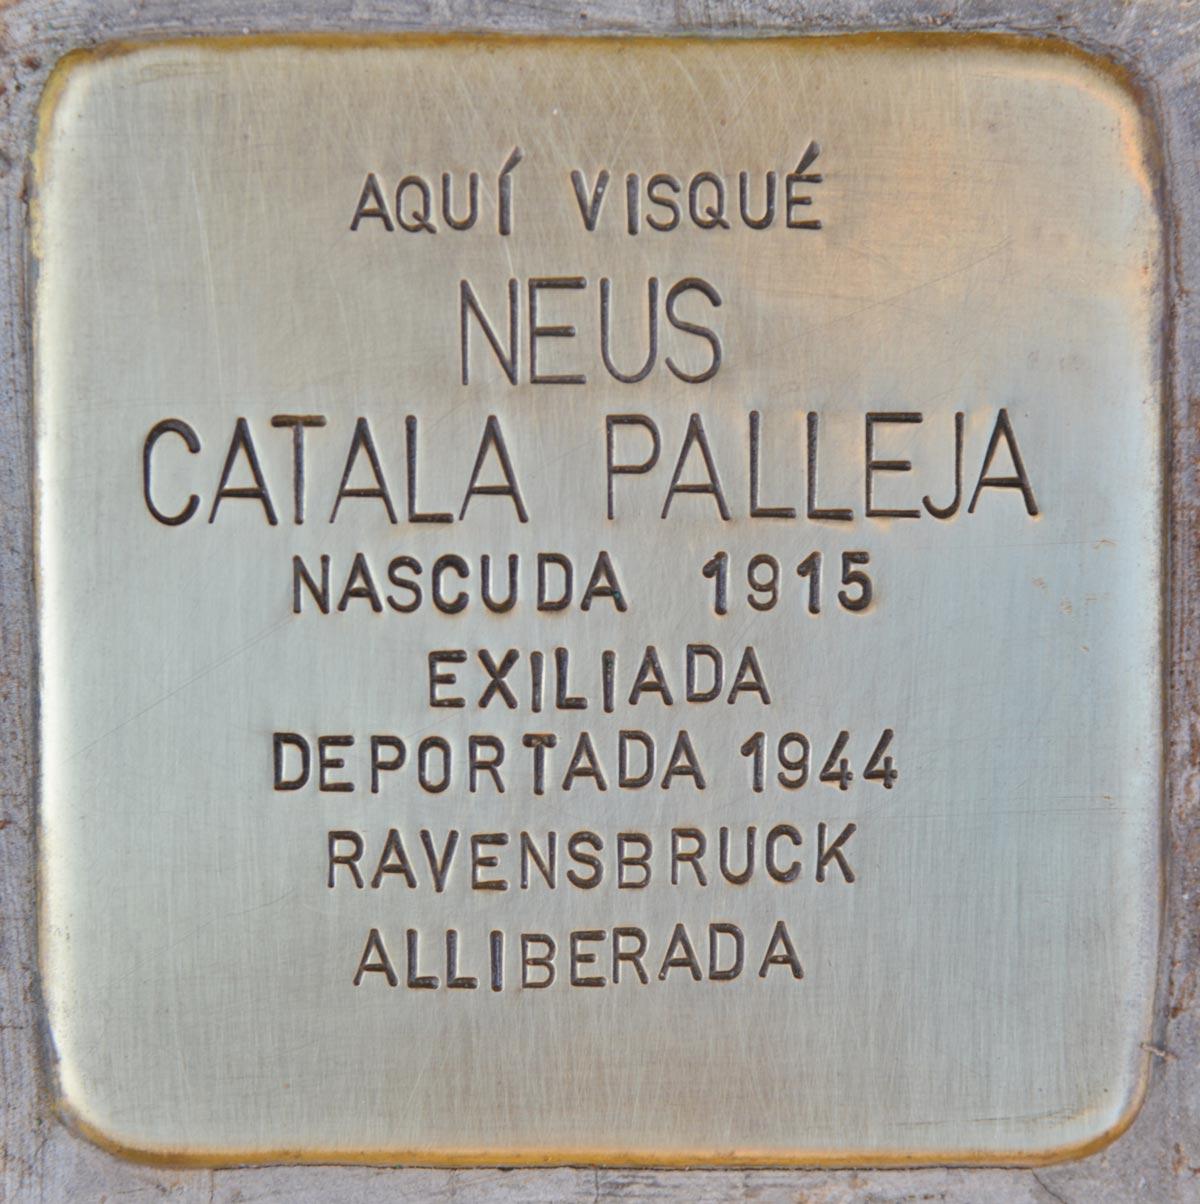 Stolpersteine en homenaje a Neus Català